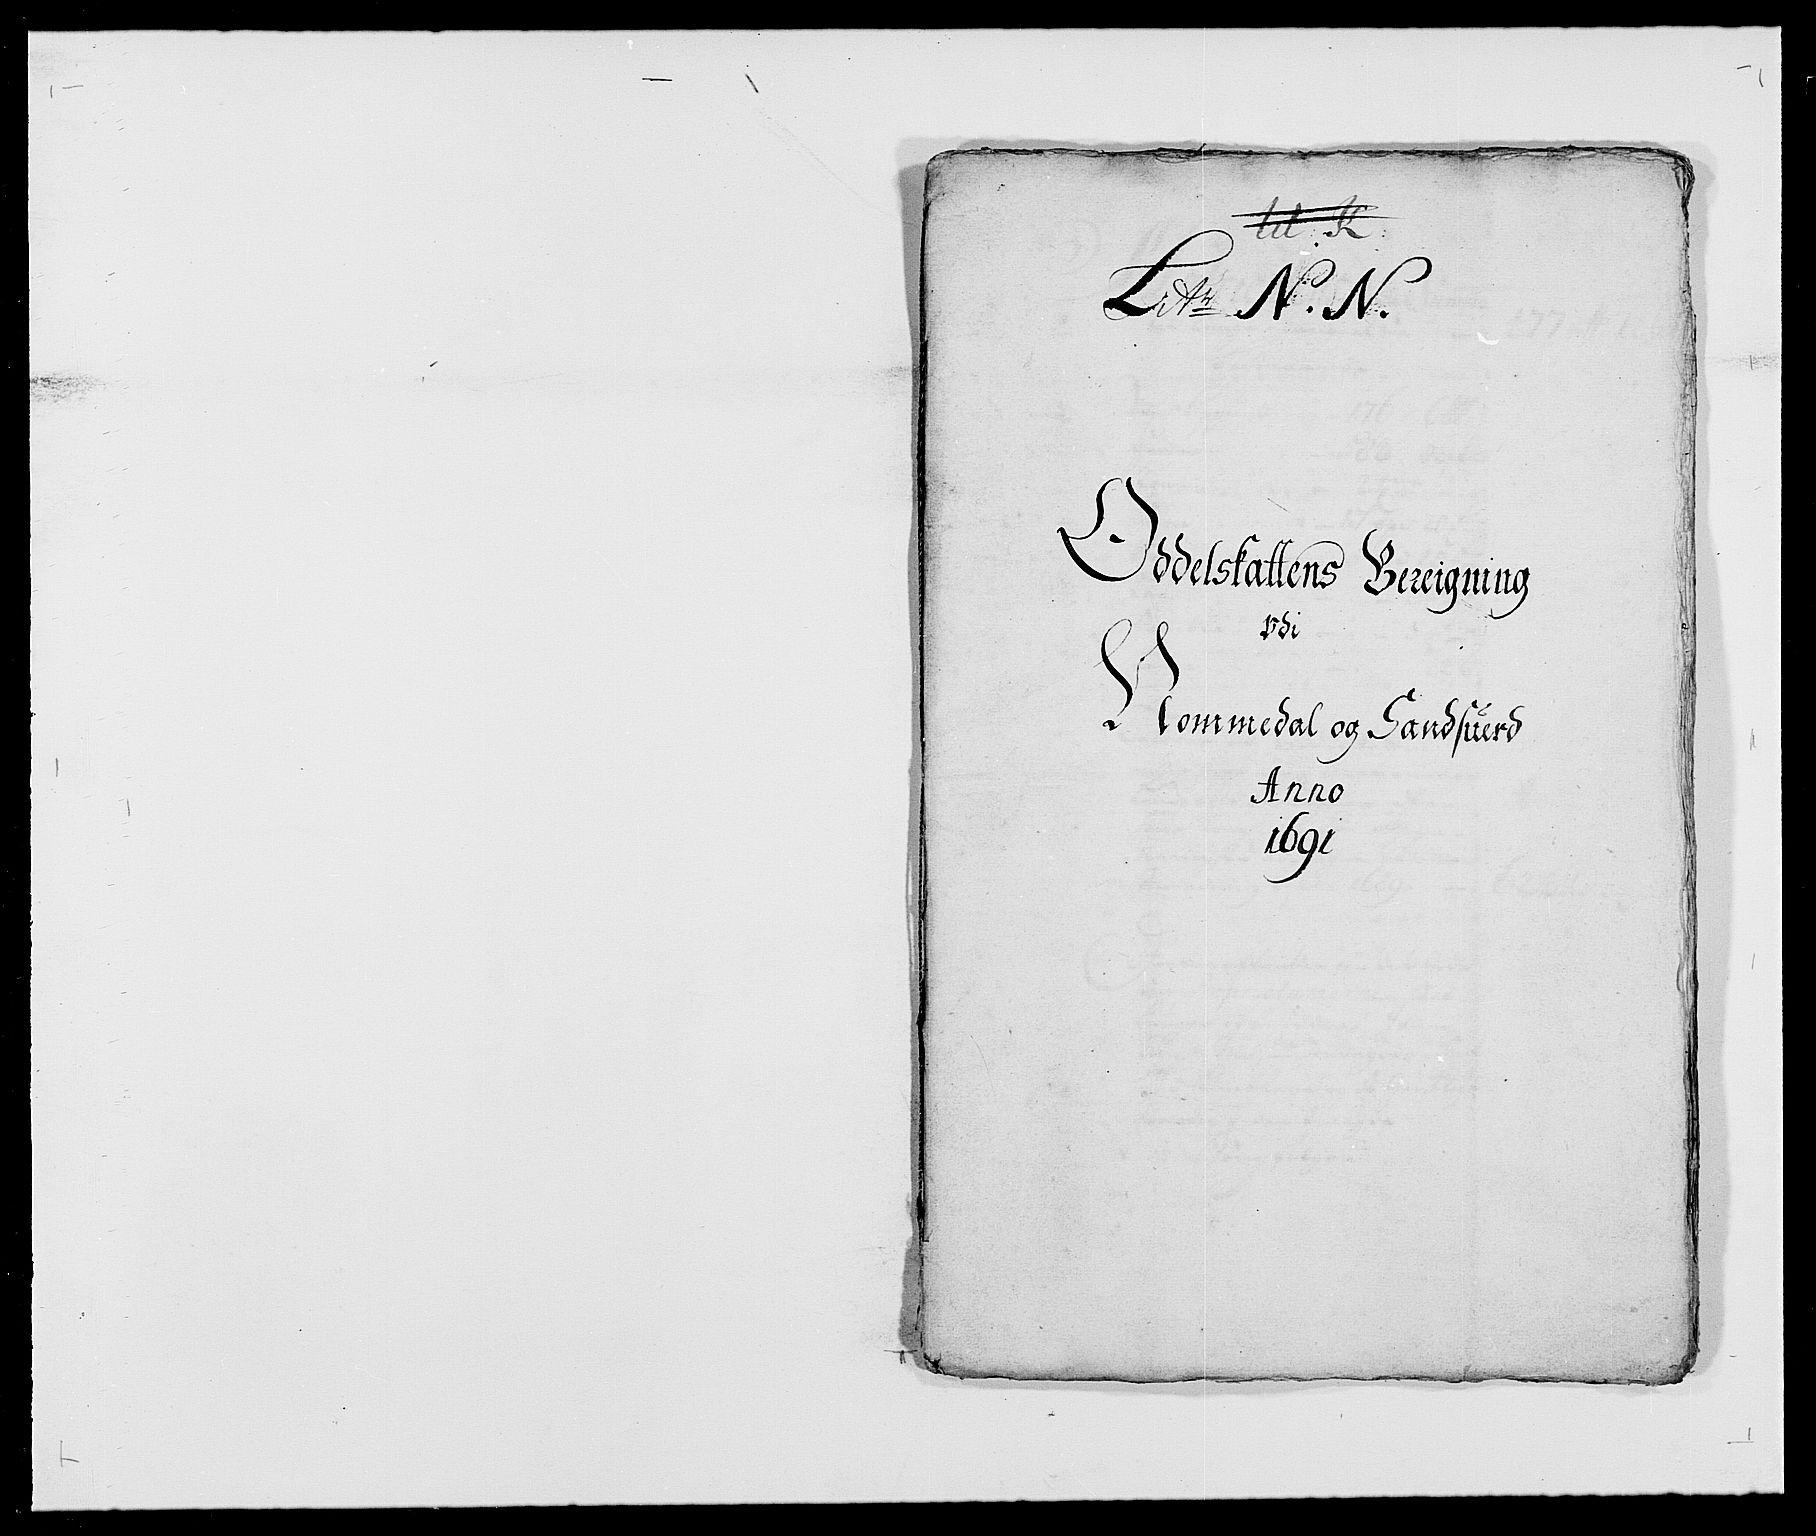 RA, Rentekammeret inntil 1814, Reviderte regnskaper, Fogderegnskap, R24/L1573: Fogderegnskap Numedal og Sandsvær, 1687-1691, s. 485